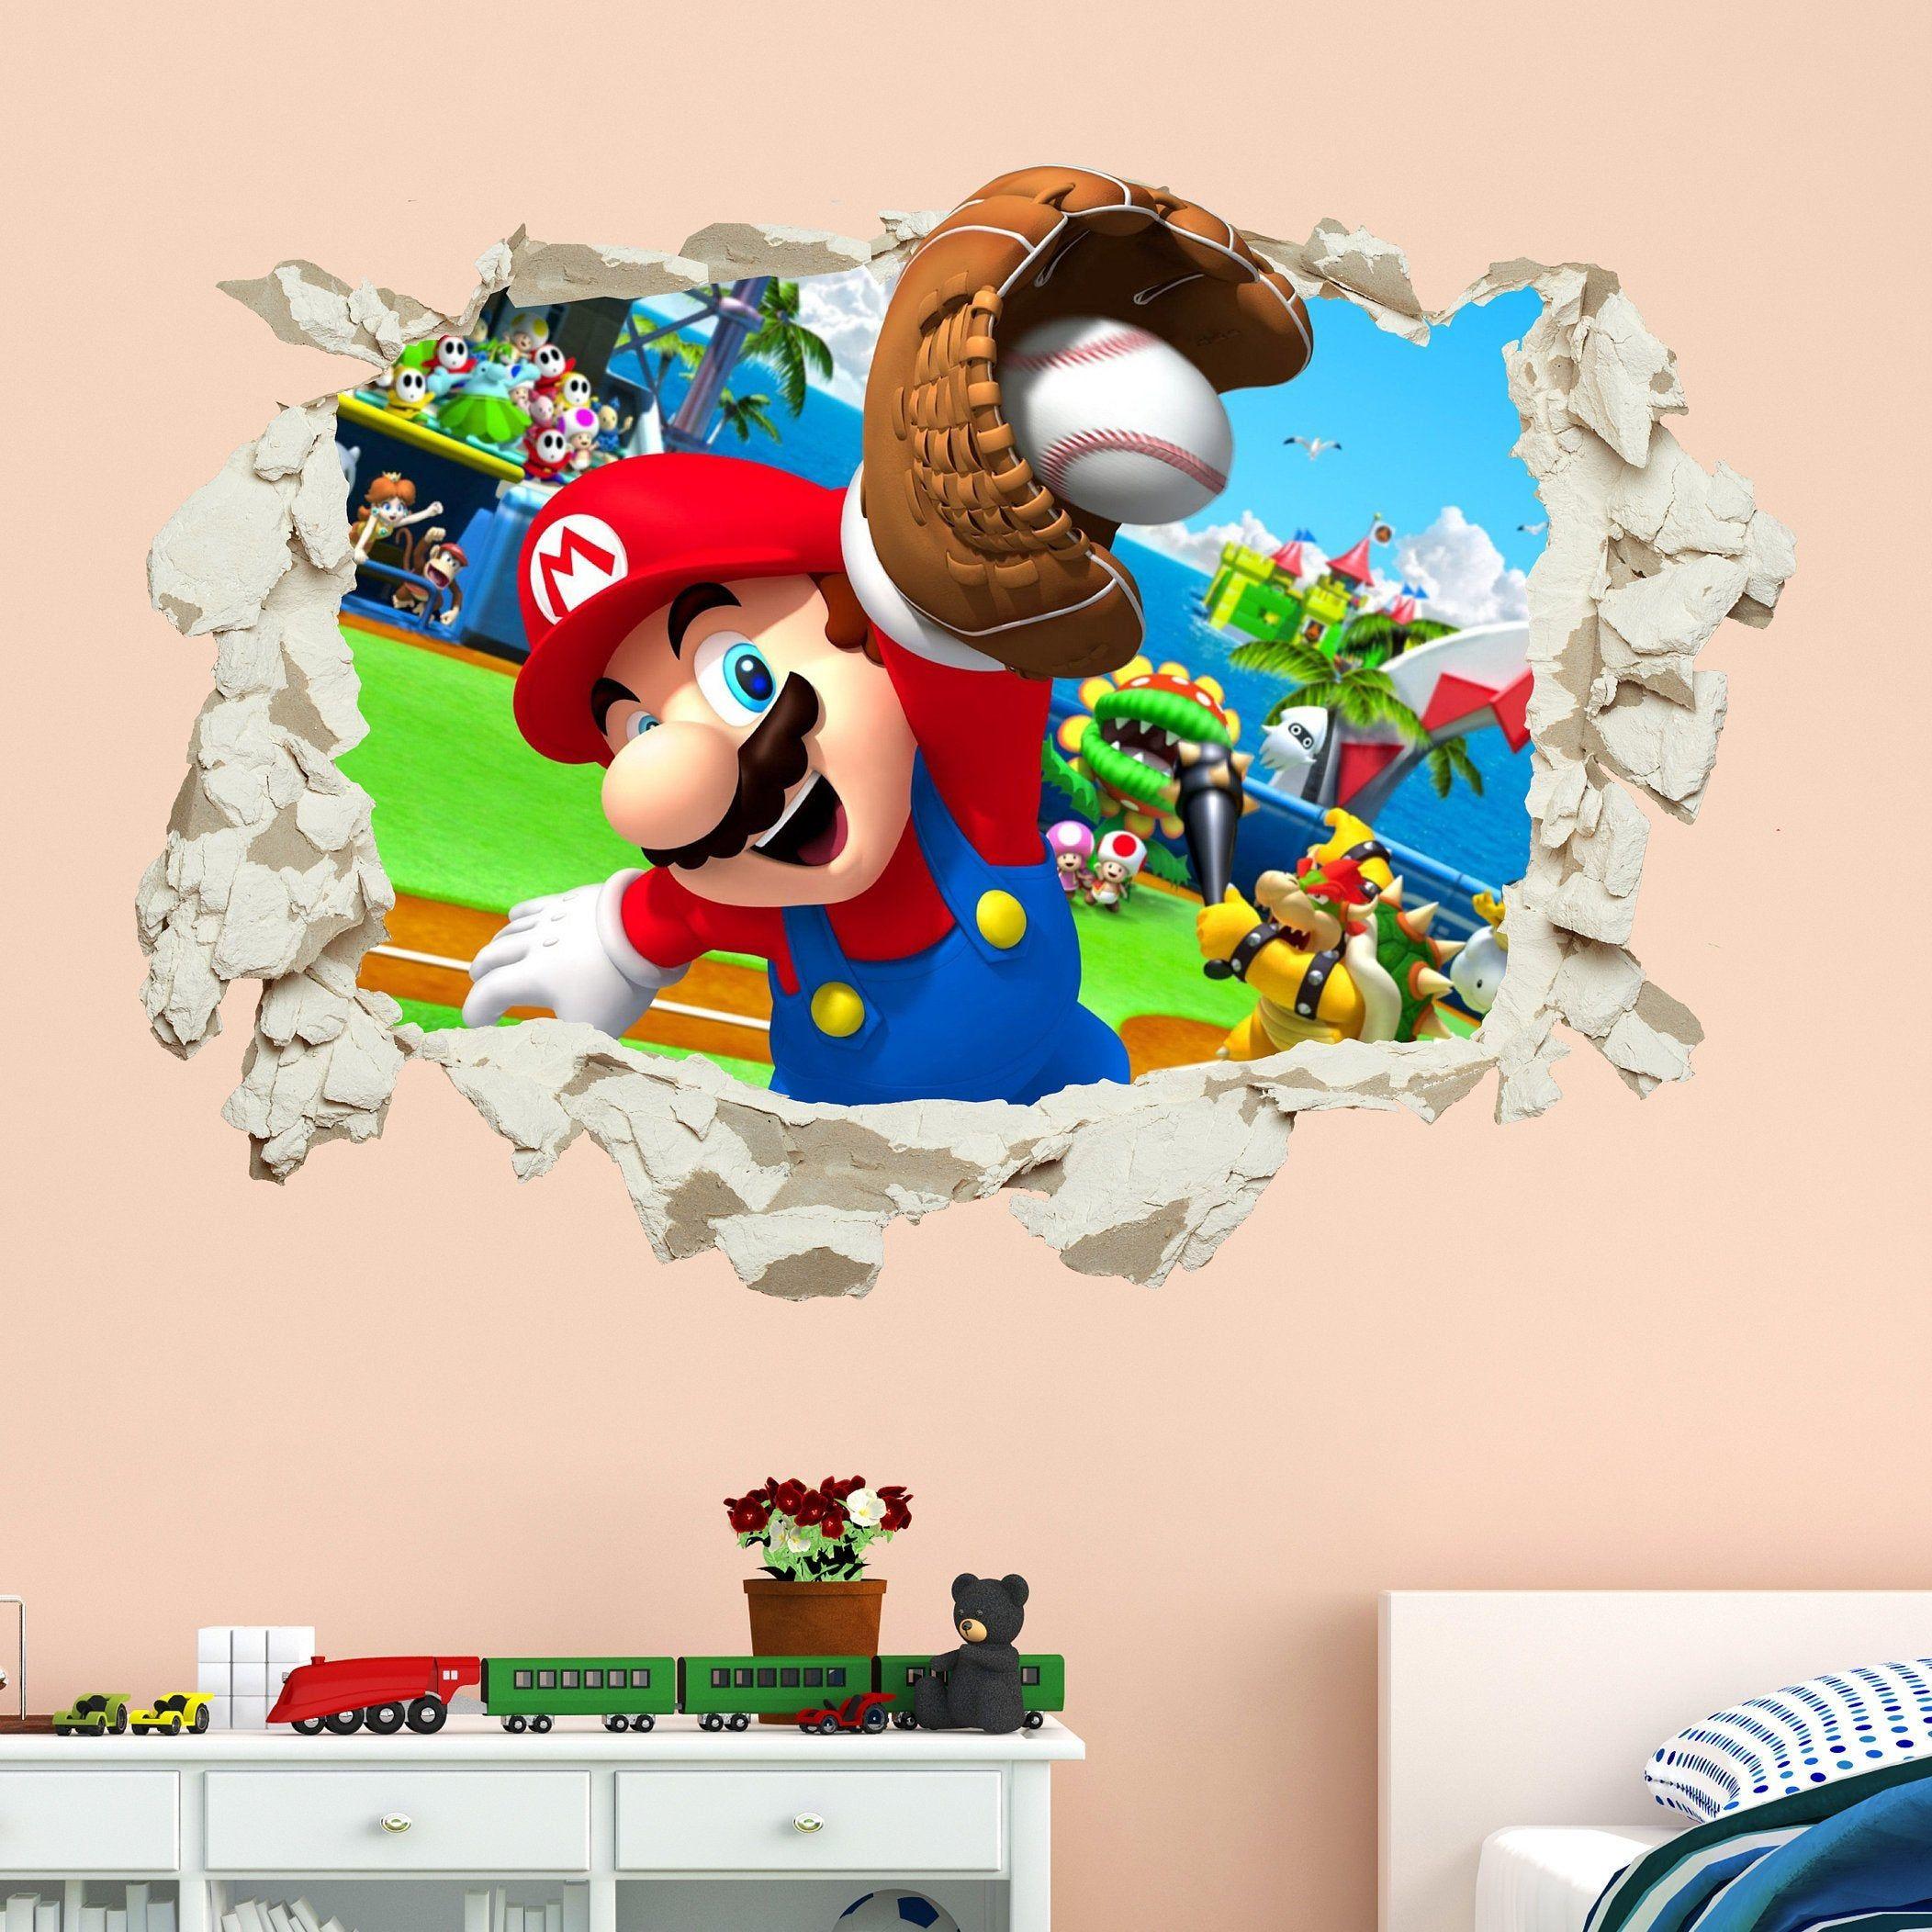 Paper Mario Sticker Wall Decal Bedroom Vinyl Kids Art Decor Bedroom